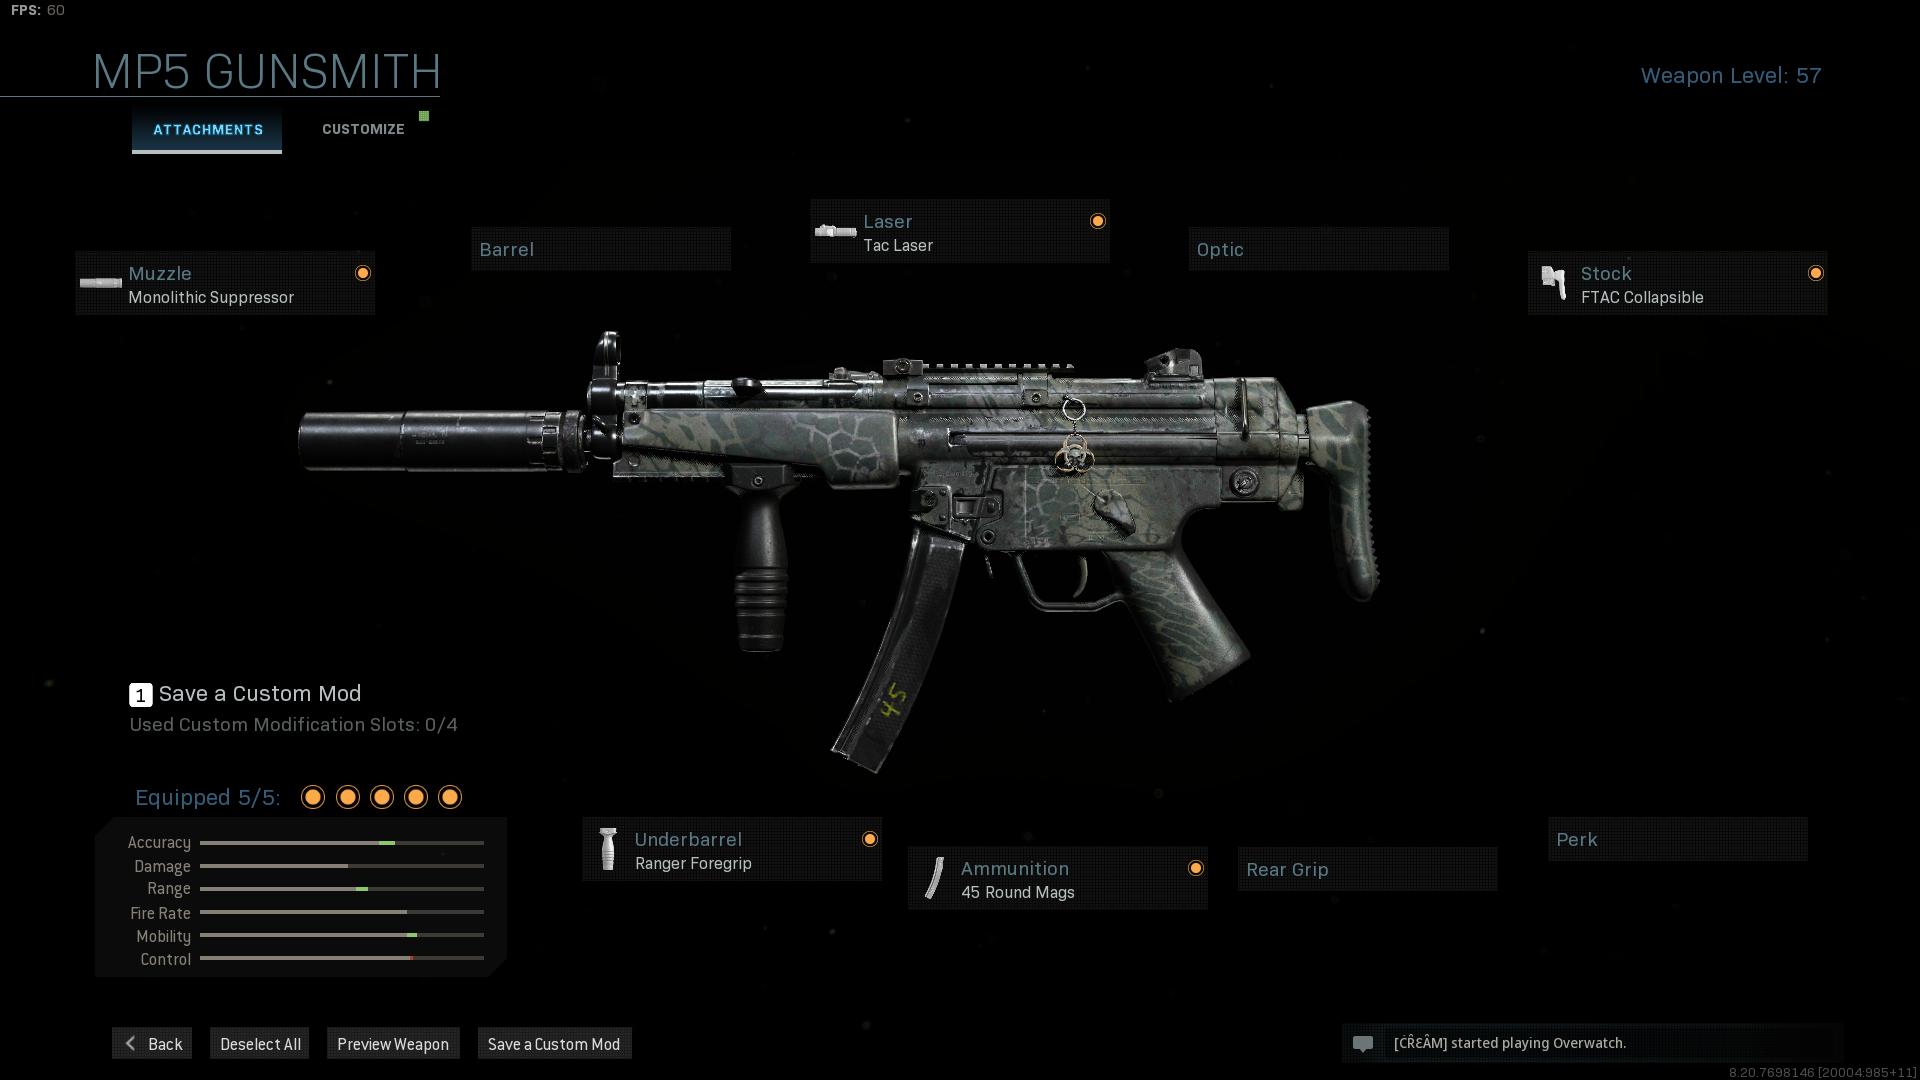 COD Warzone Best MP5 Loadout